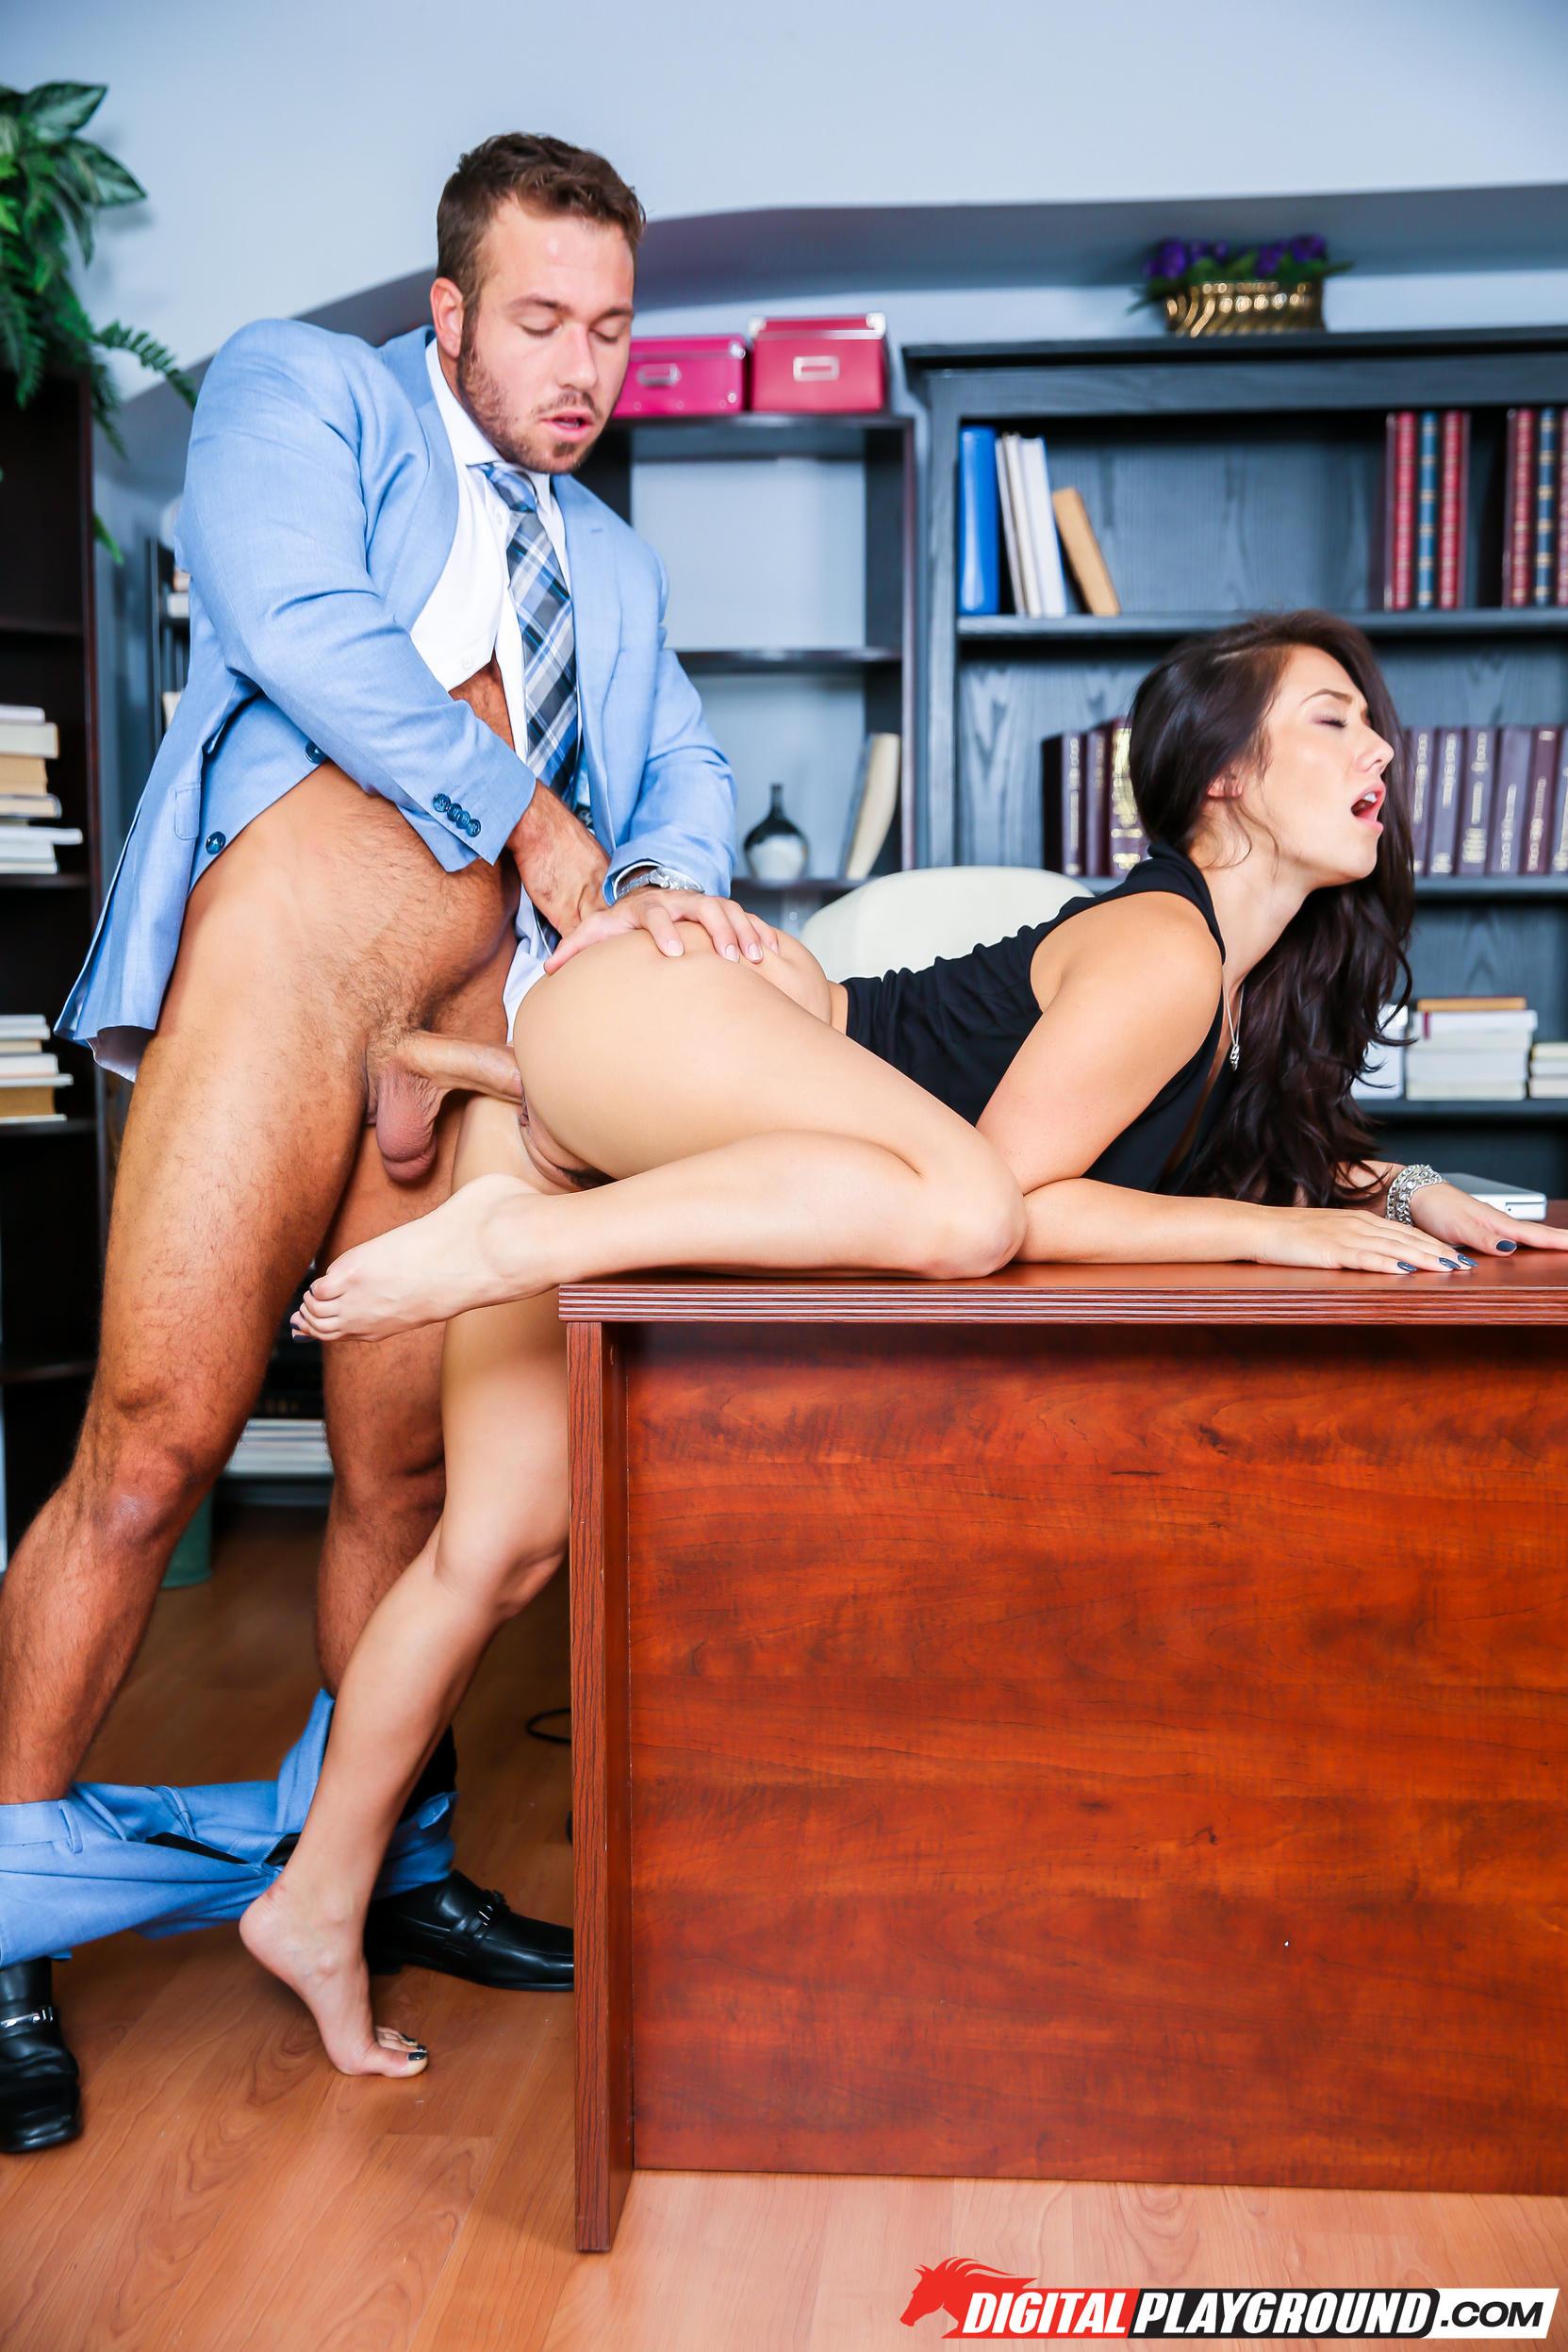 Секс в кабинете видео порно144